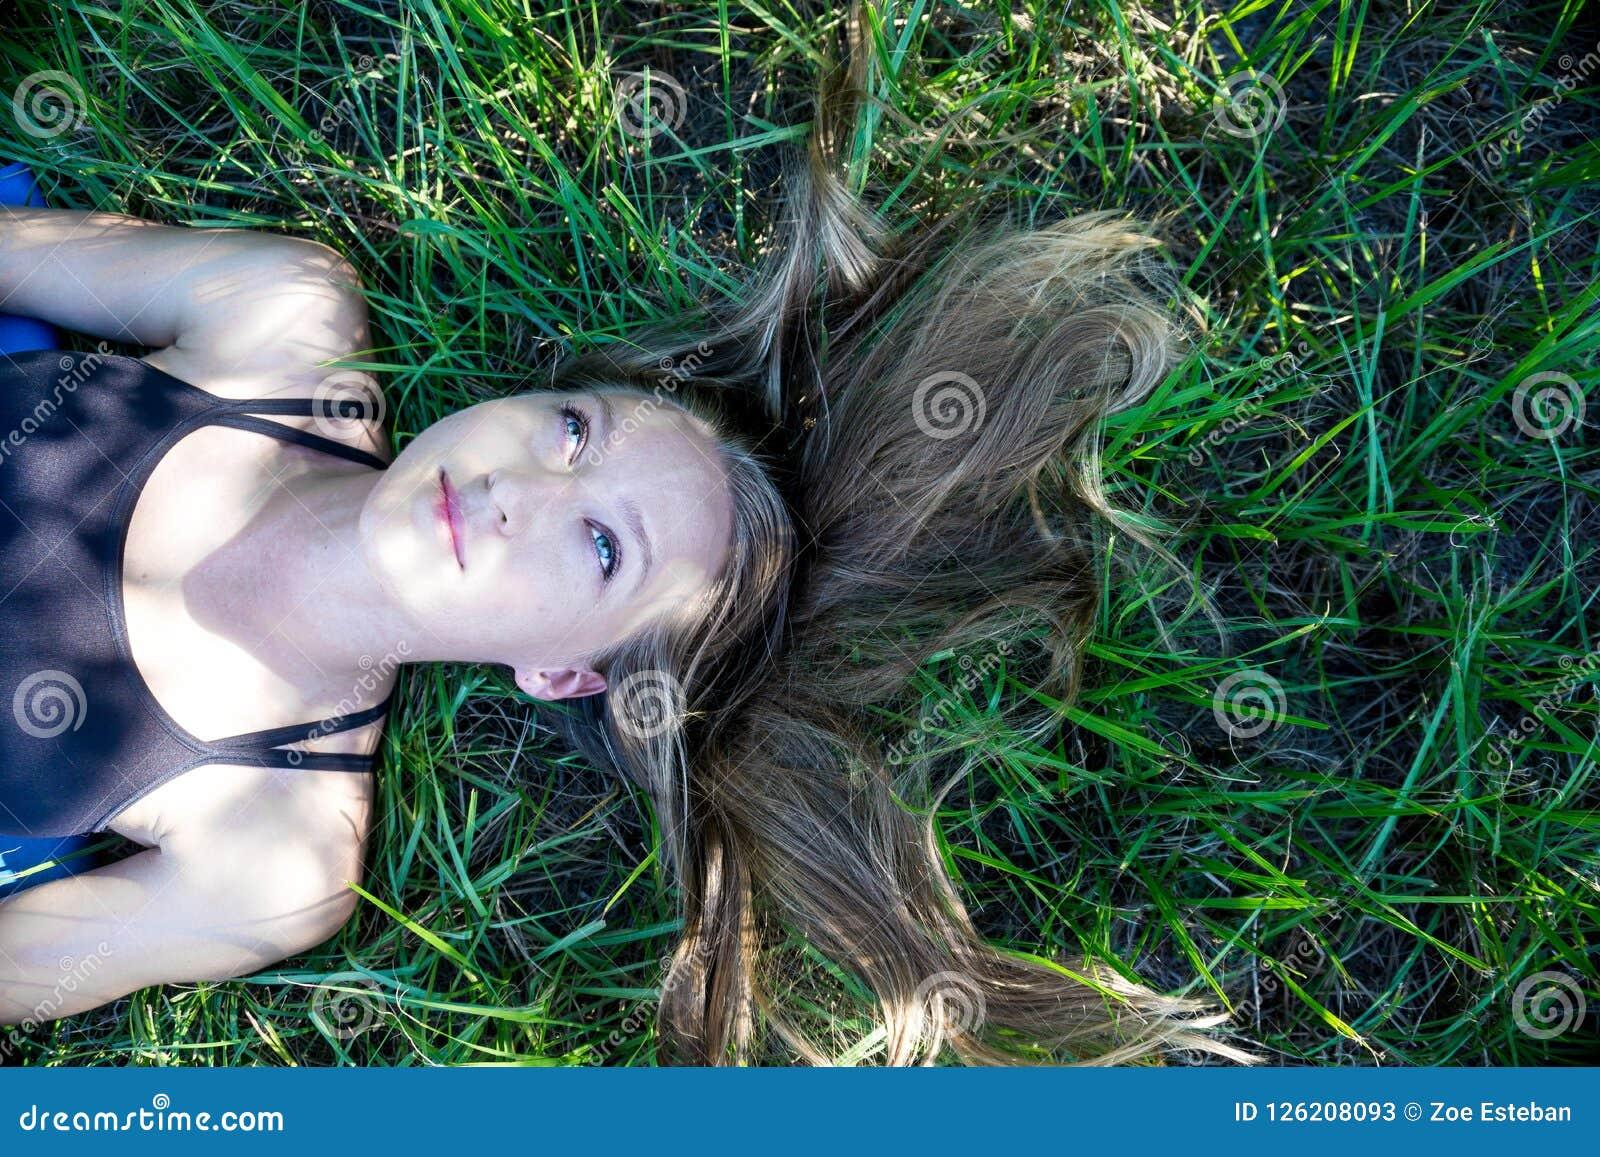 Portret blondynki młoda kobieta kłaść w trawie z długie włosy i niebieskich oczu przyglądający up szczęśliwym